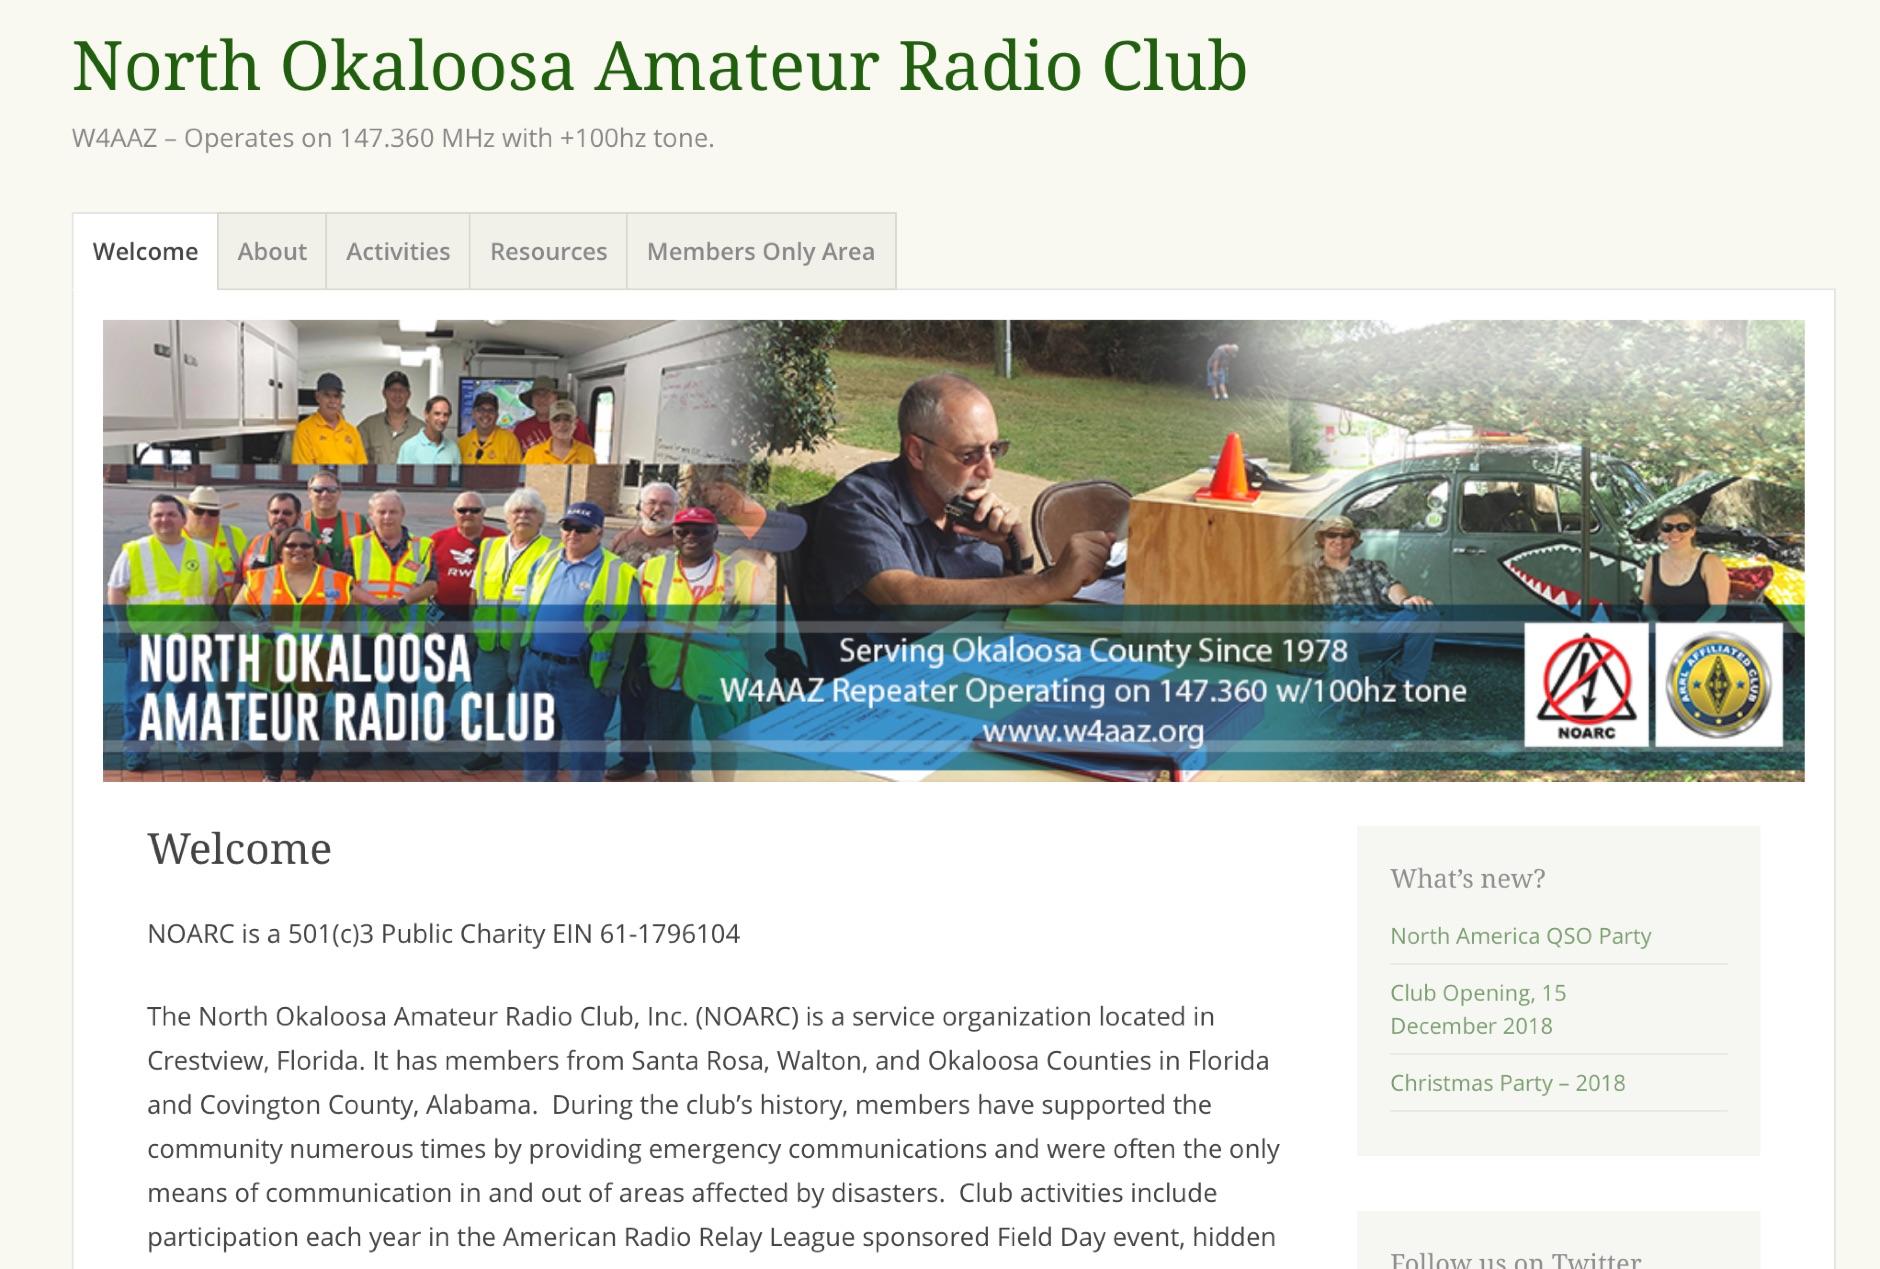 North Okaloosa Amateur Radio Club